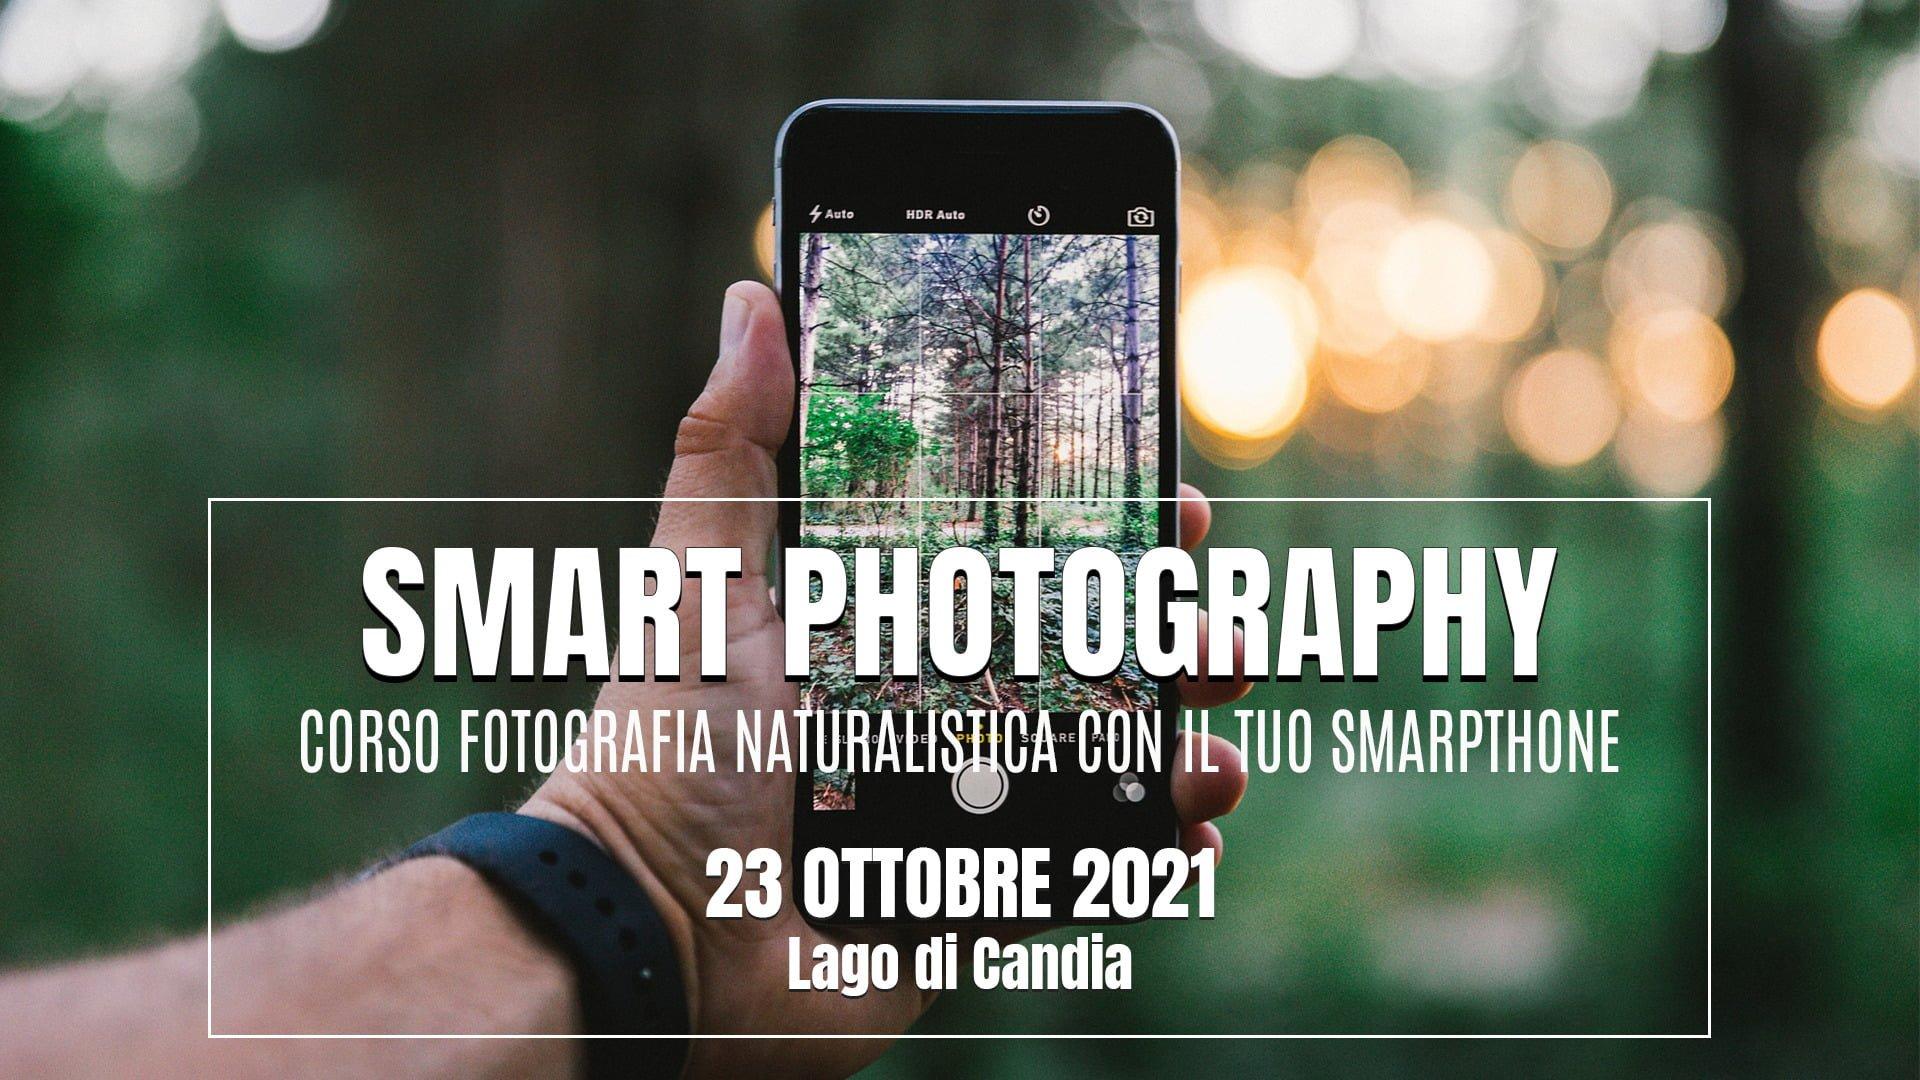 SmartPhotography|Corso di Fotografia Naturalistica